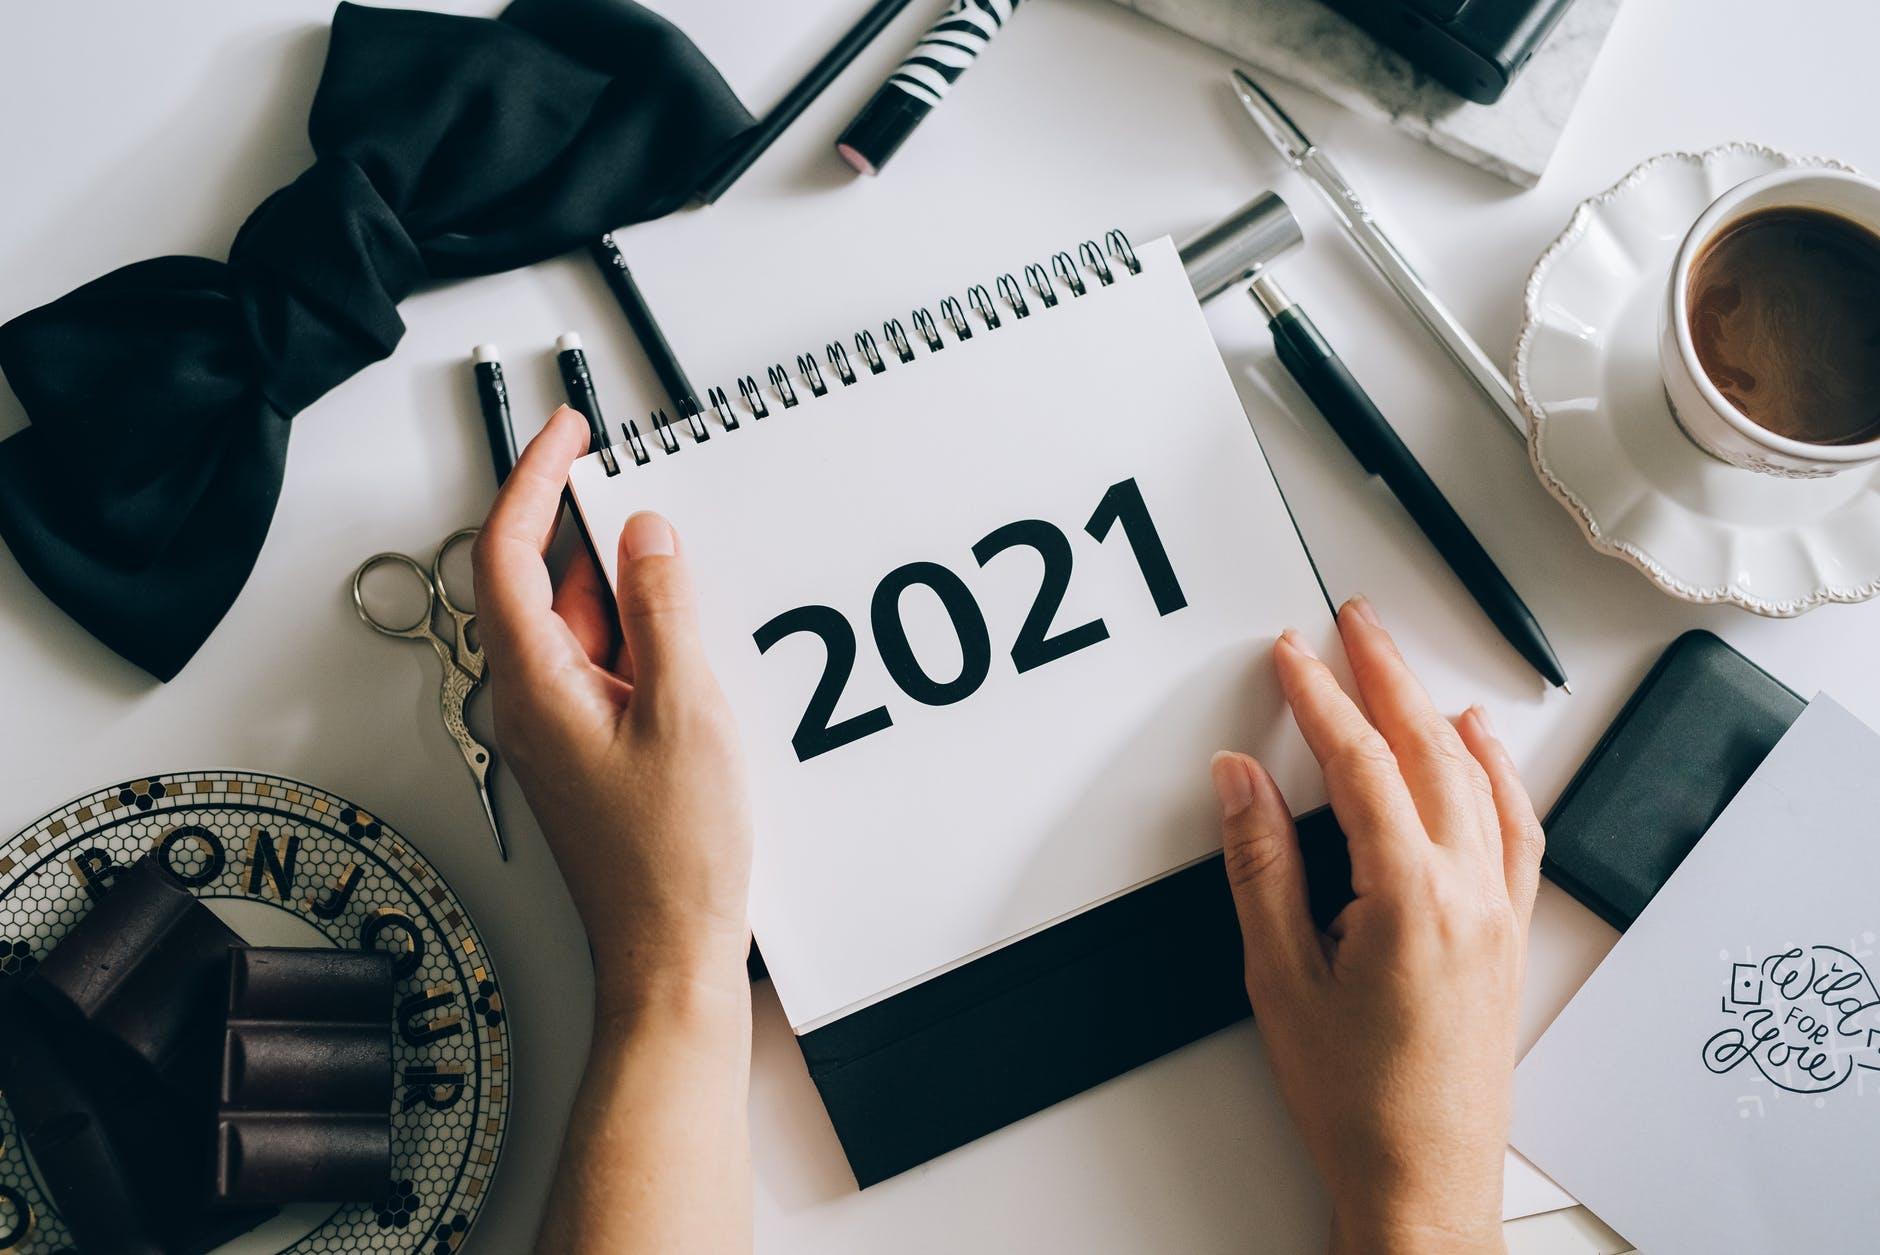 Previziuni pentru România până la final de 2021. Astrolog: